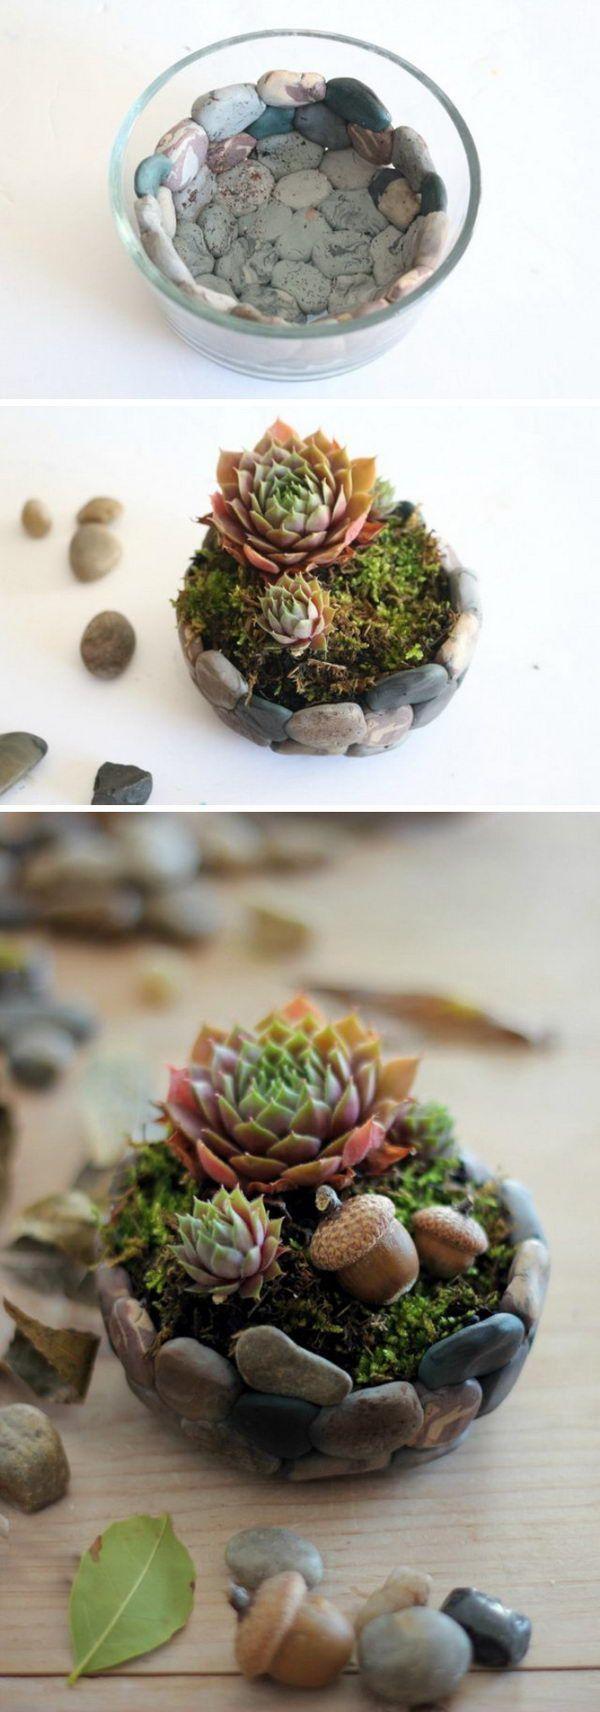 Imitat-Stein-saftiger Pflanzer. Wir möchten uns bei Ihnen bedanken wenn Sie die #steingartenideen